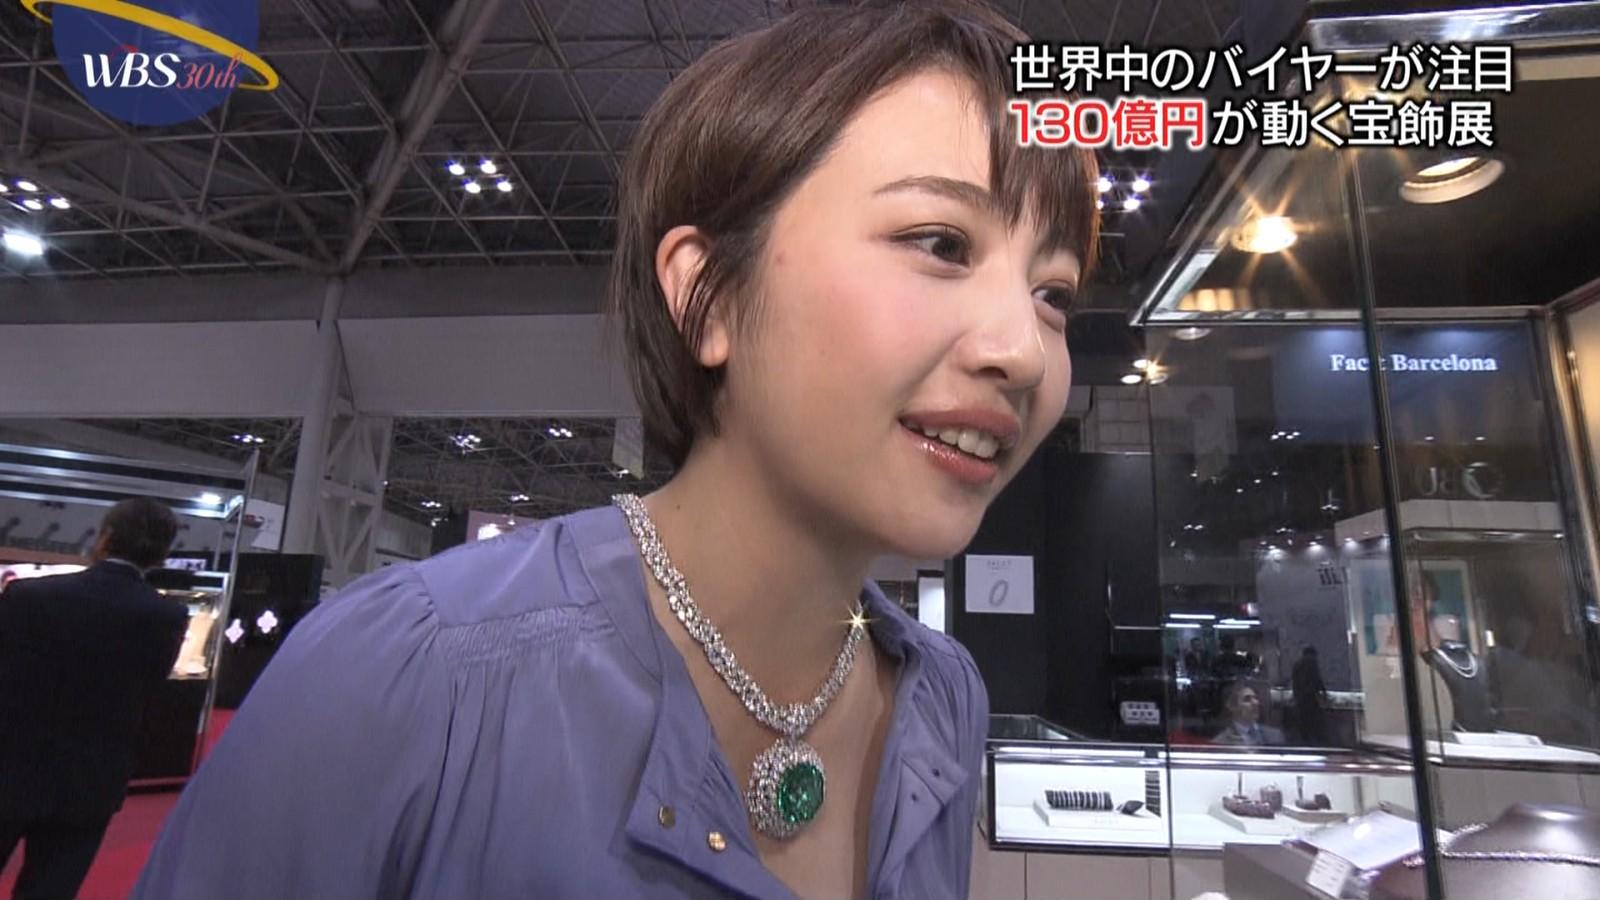 相内優香アナ 5億円のネックレスに興奮!